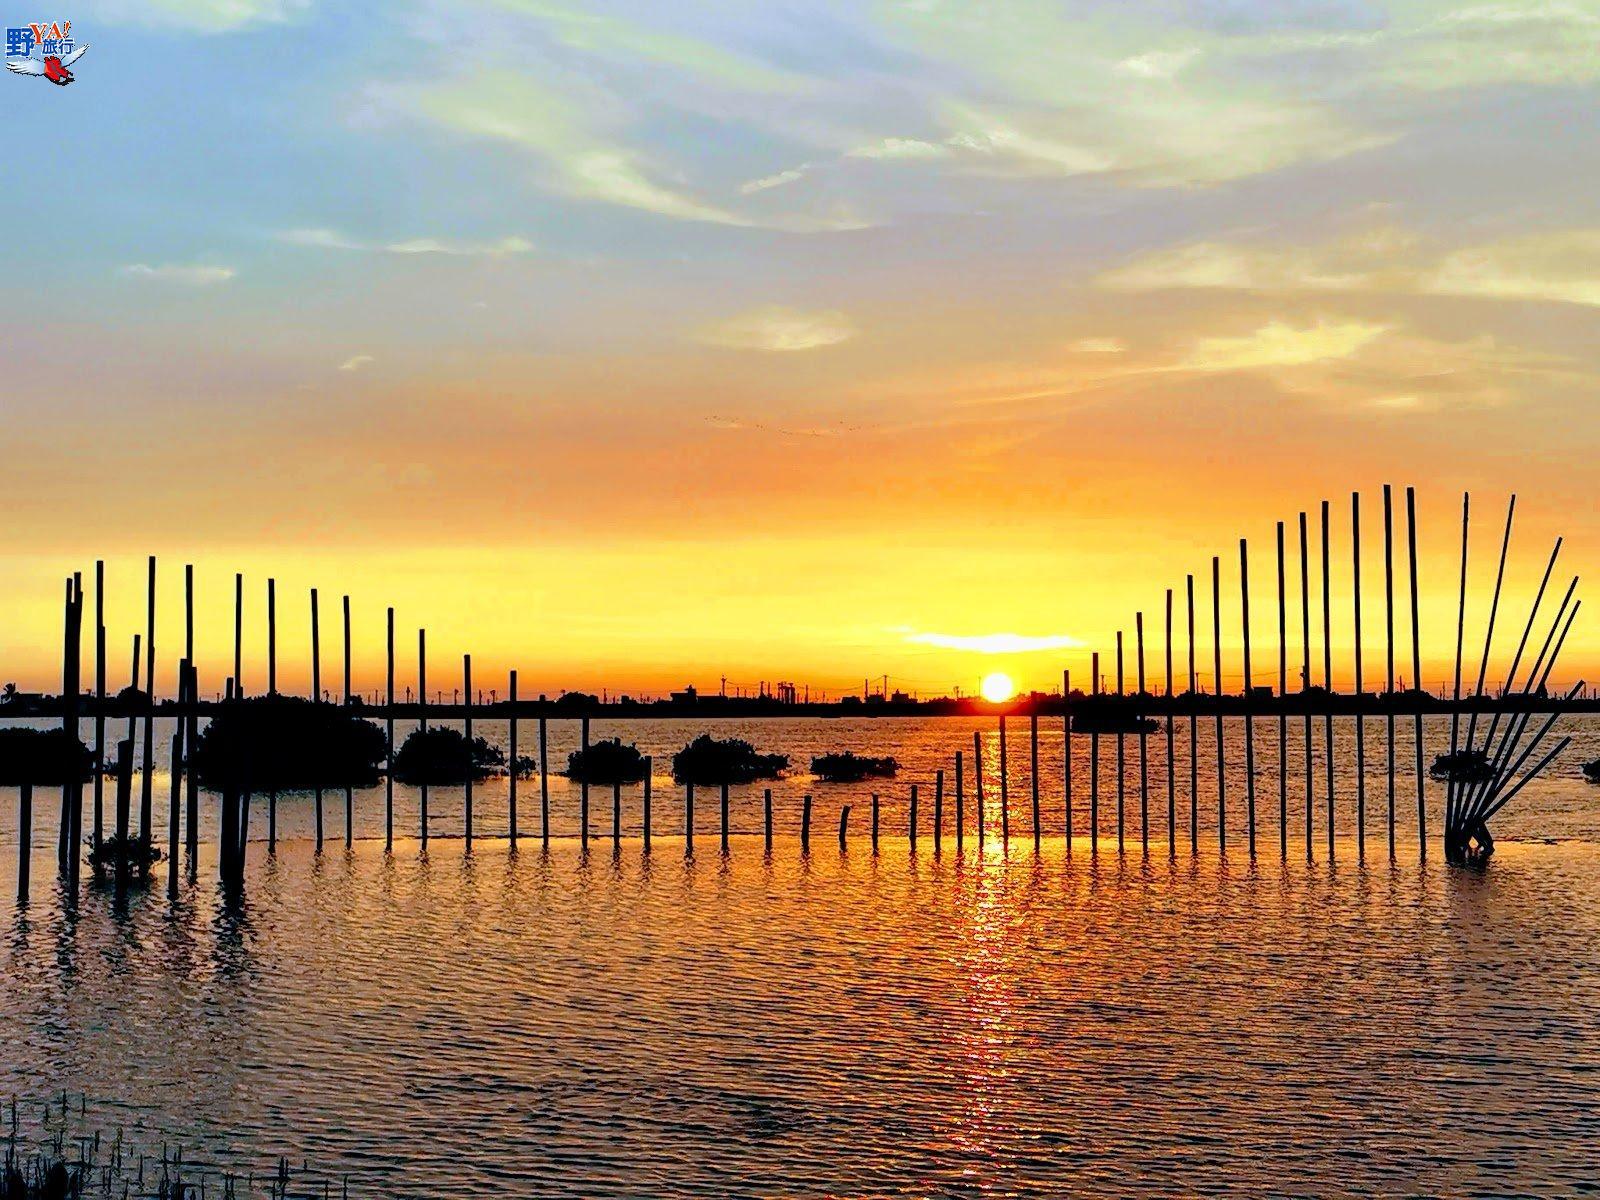 秋遊雲林山海食農之旅 在地美味水產佐夕陽勝景 @YA 野旅行-旅行不需要理由